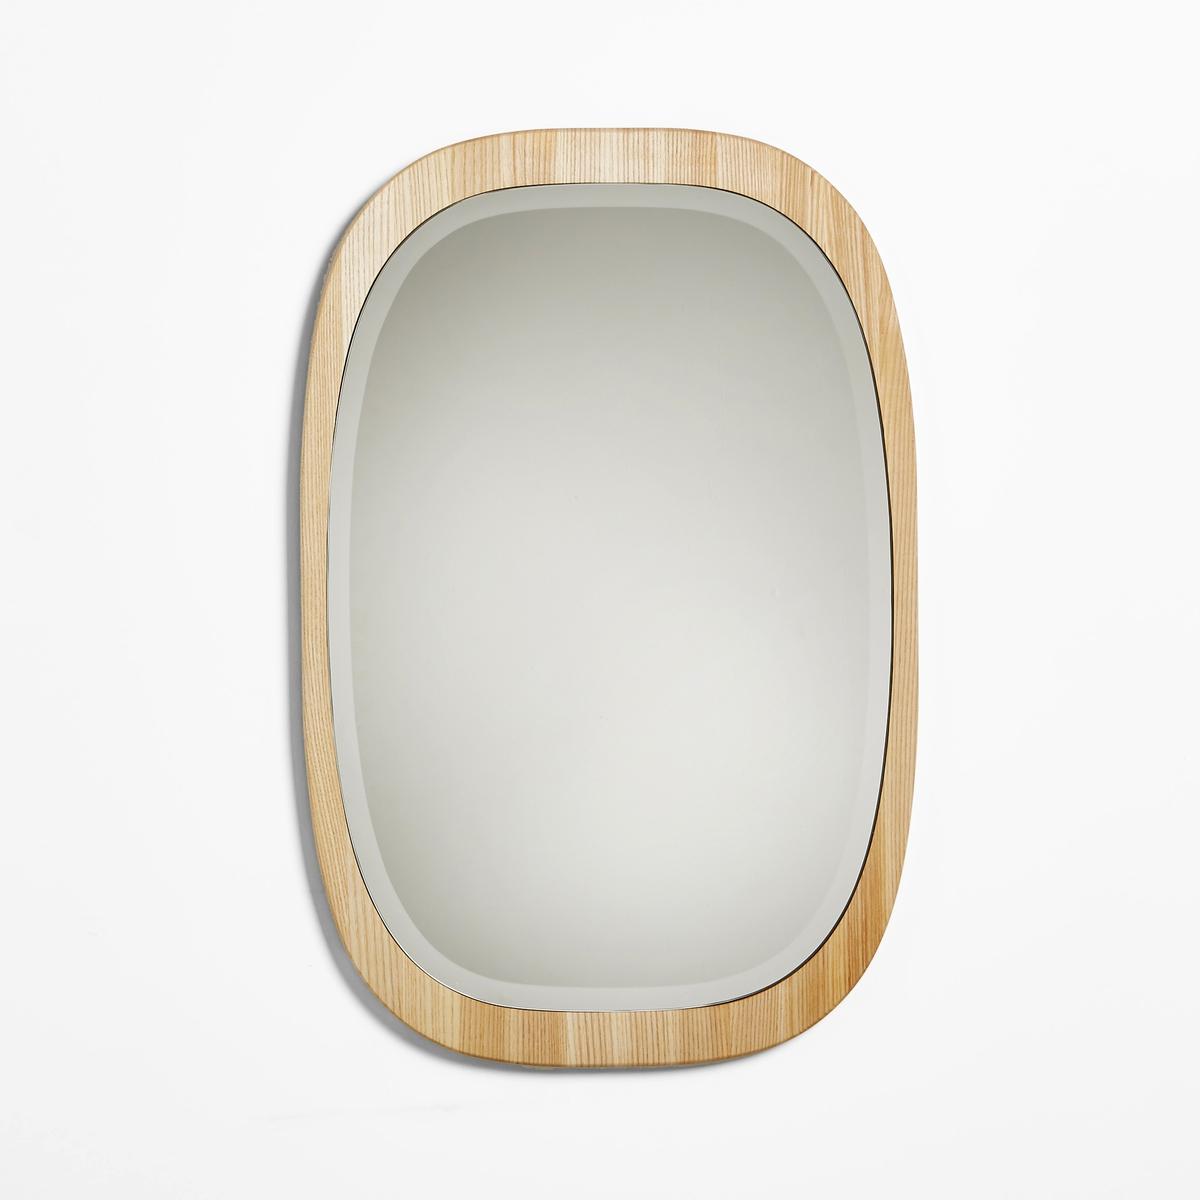 Зеркало OKANЗеркало мягкой закругленной формы в скандинавском стиле. Можно создать оригинальное стенное украшение, повесив несколько зеркал горизонтально и несколько вертикально.Характеристики зеркала Okan :Зеркало из ясеня вертикального или горизонтального крепления, задняя панель из МДФ.2 пластины для каждого крепления.- Шурупы и дюбели продаются отдельно.Размеры зеркала Okan :Разм. 43 x 65 см x толщина 1,8 см. Другие зеркала вы можете найти на сайте laredoute.ru<br><br>Цвет: серо-бежевый